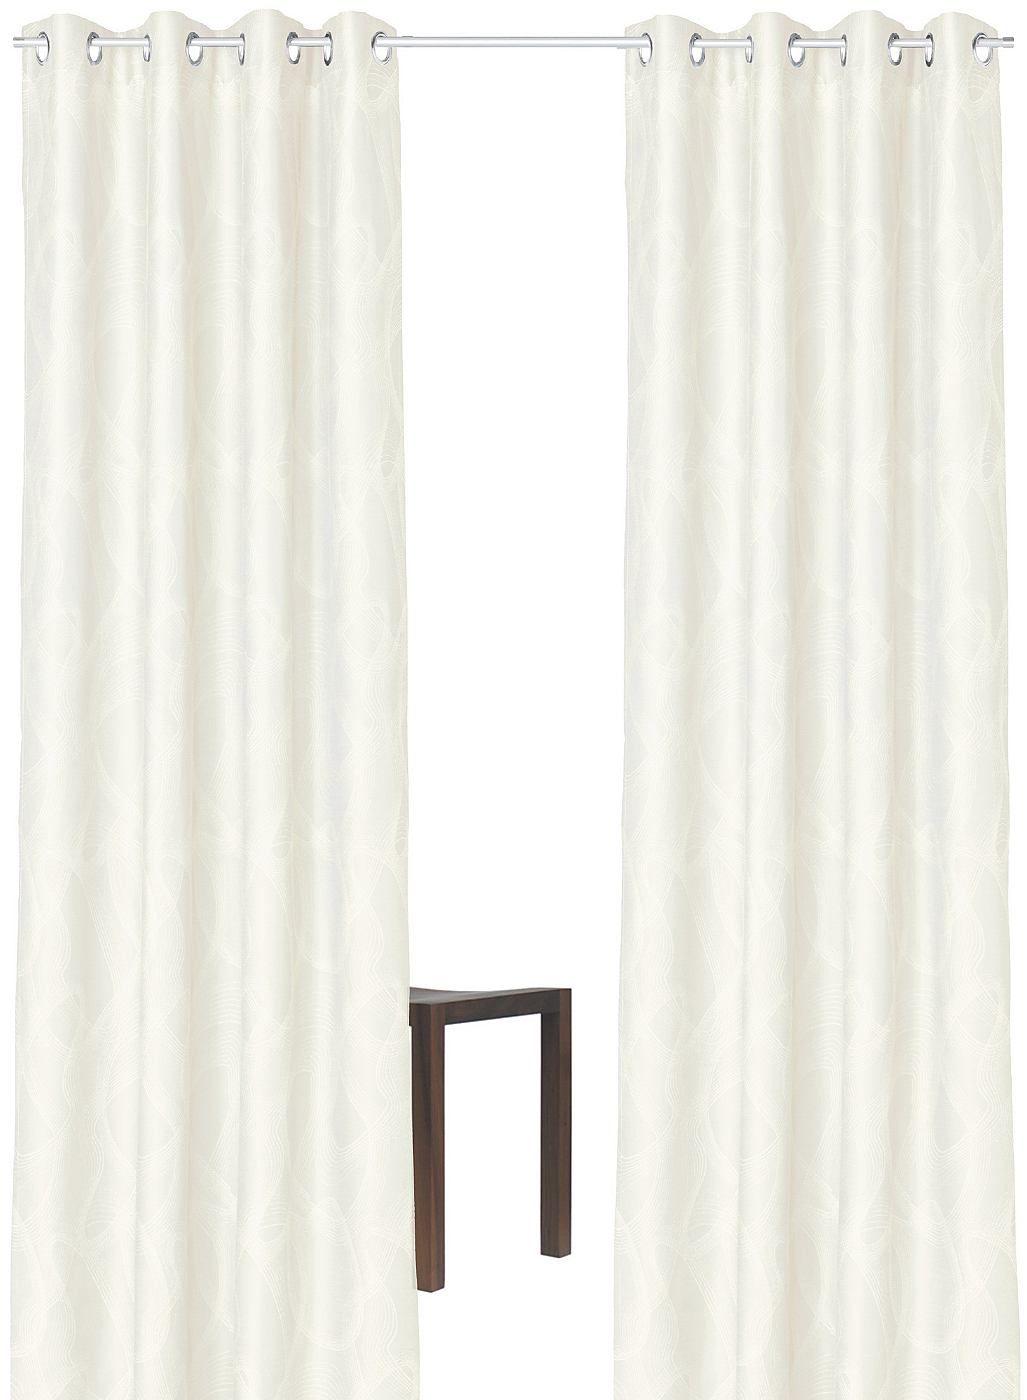 vorhang wavy esprit sen 1 st ck gardinen pinterest vorh nge gardinen und blickdicht. Black Bedroom Furniture Sets. Home Design Ideas